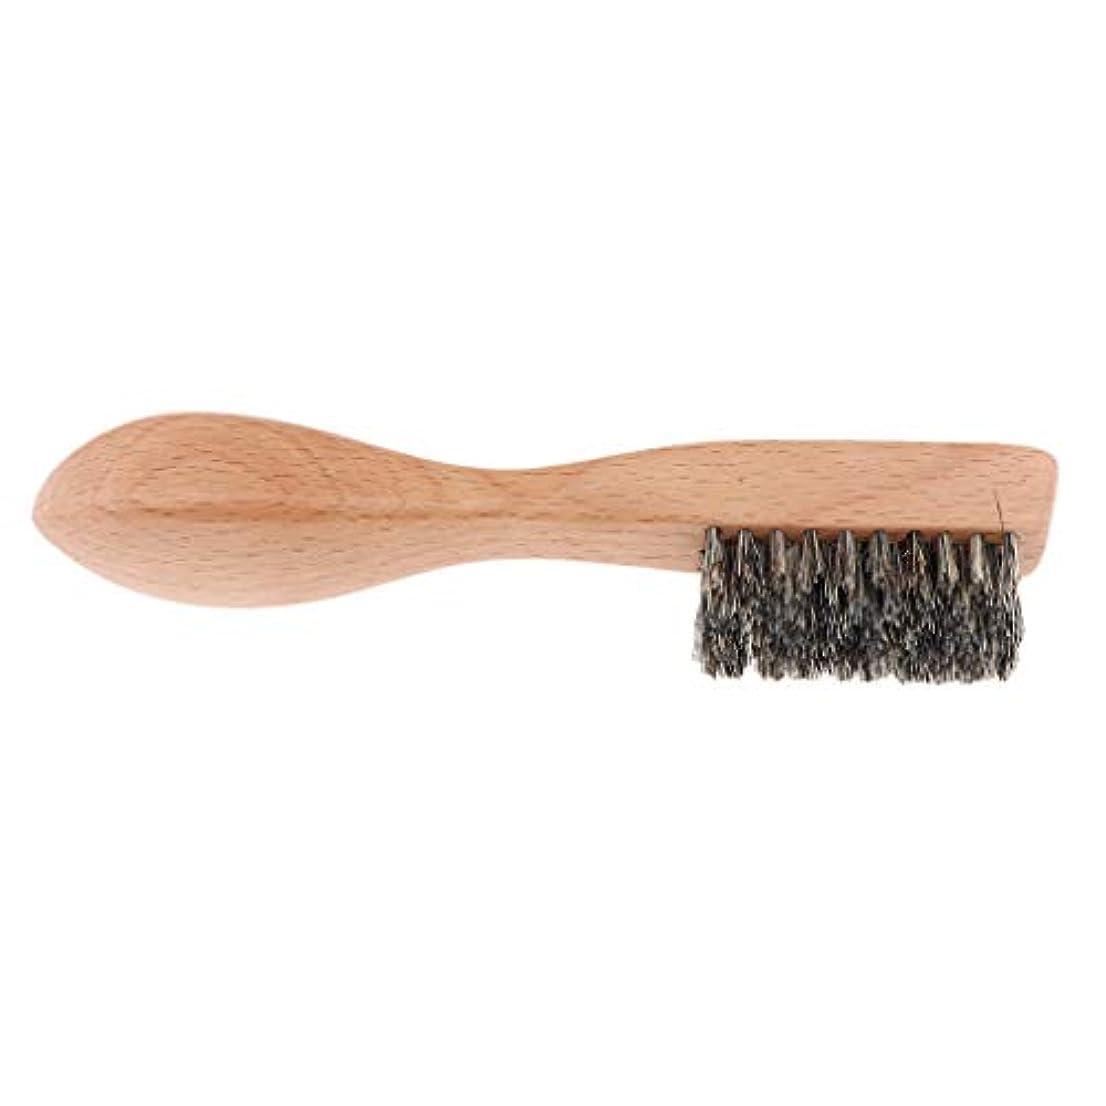 dailymall 男性ひげブラシポータブルグルーミングシェービングブラシ毛Hair&Woodハンドル